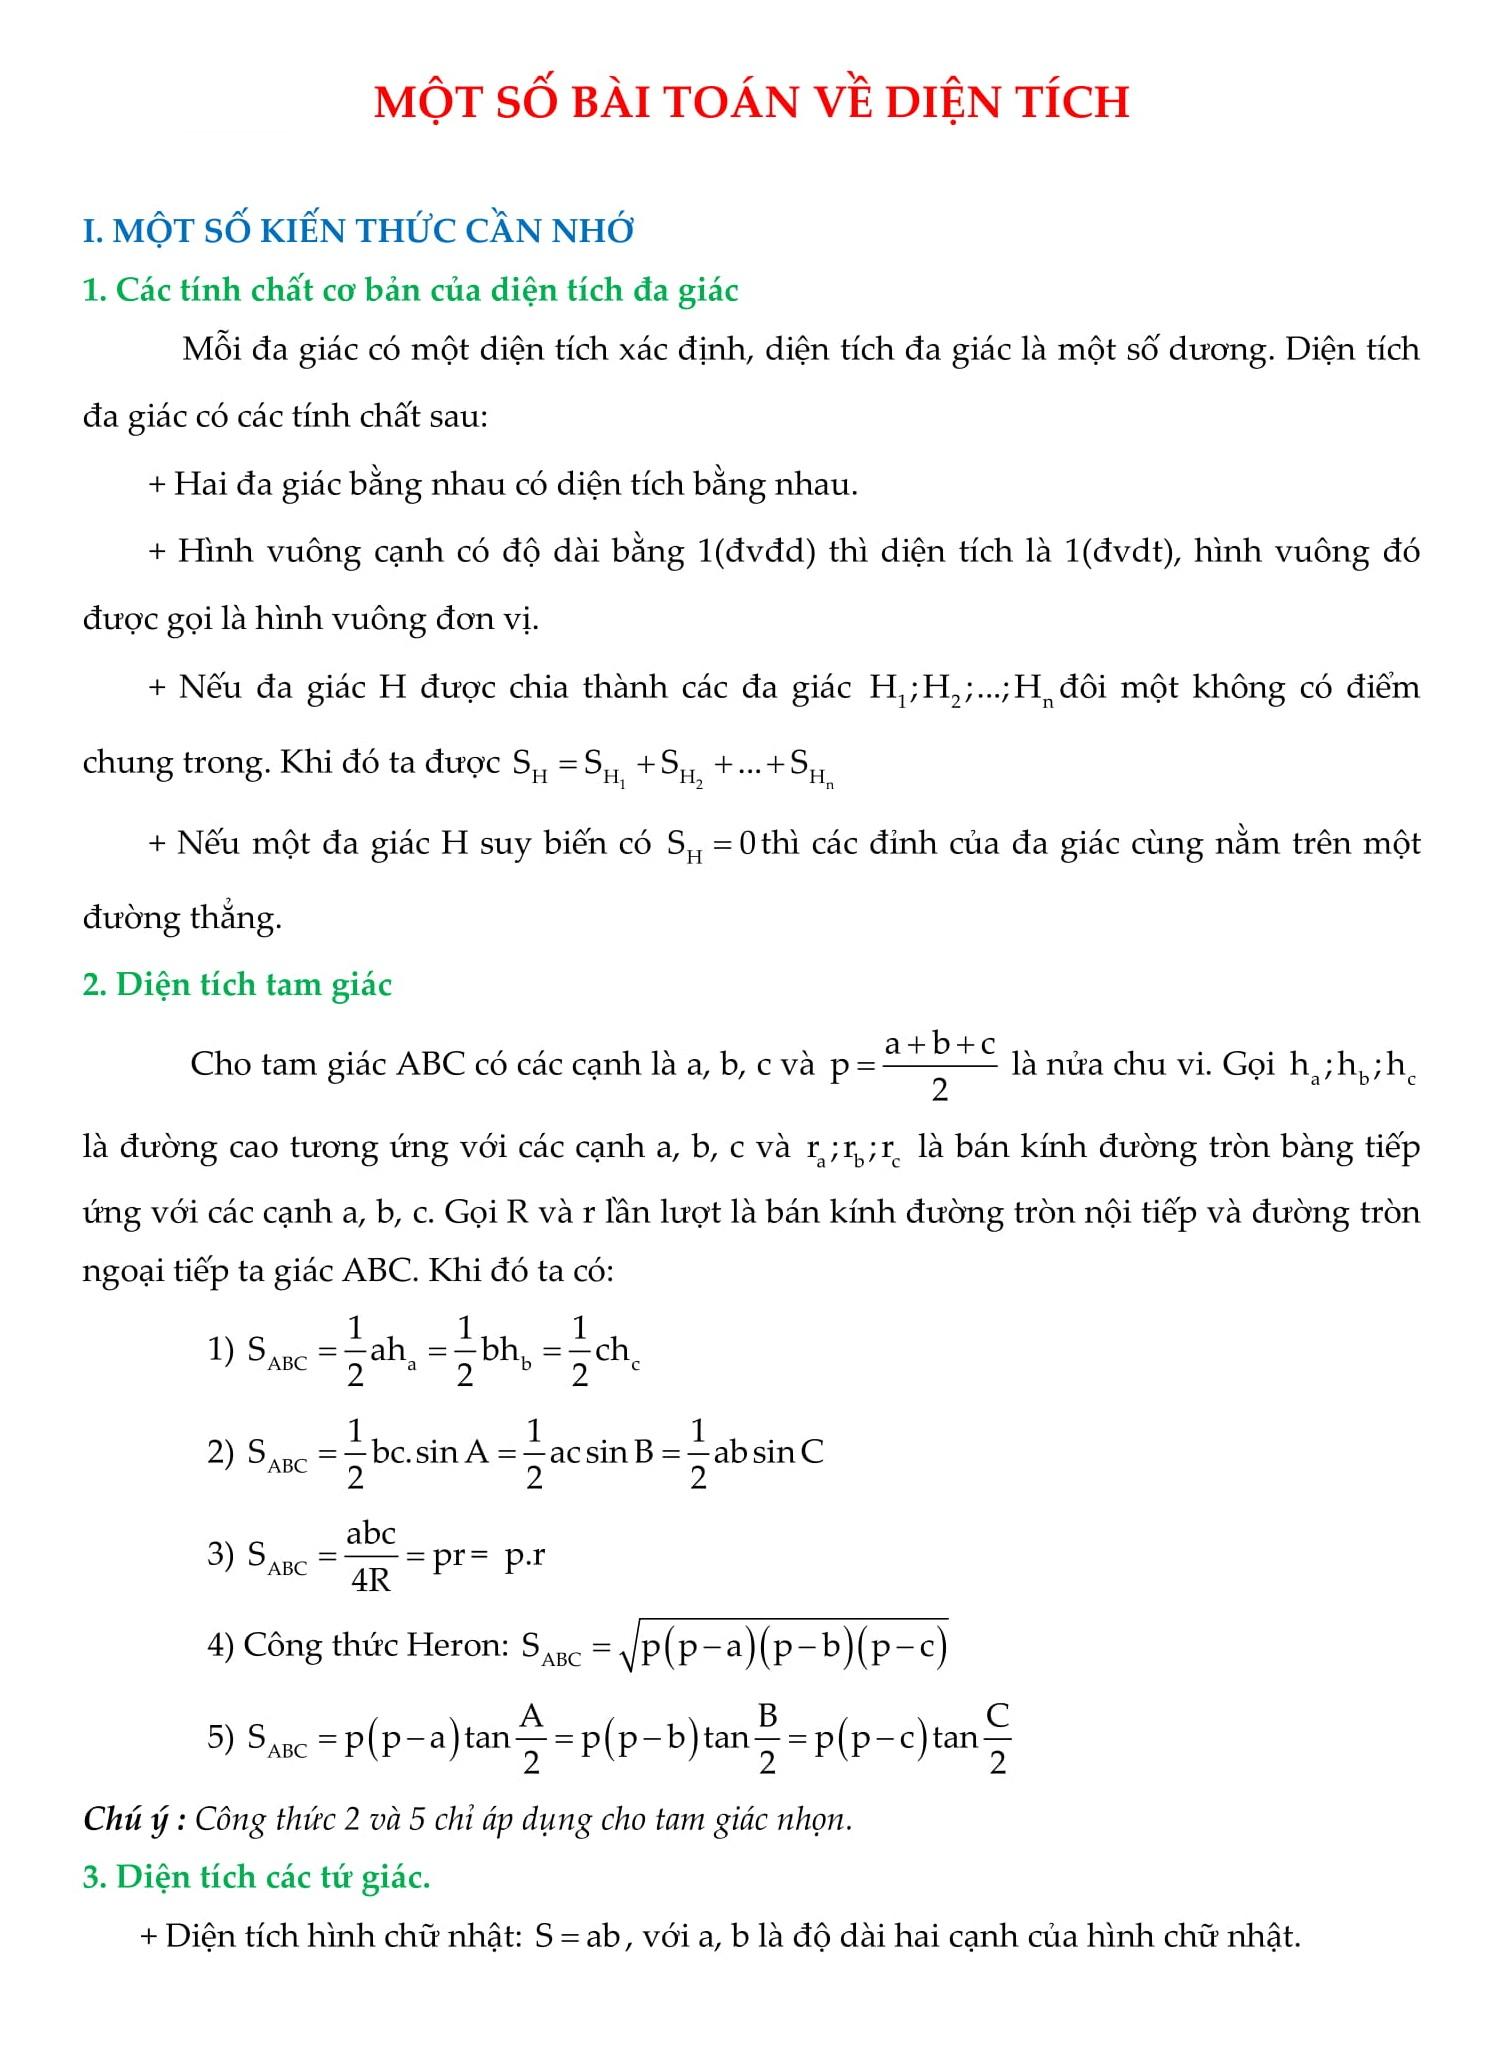 Tổng hợp bài tập về diện tích trong đề thi Toán 9